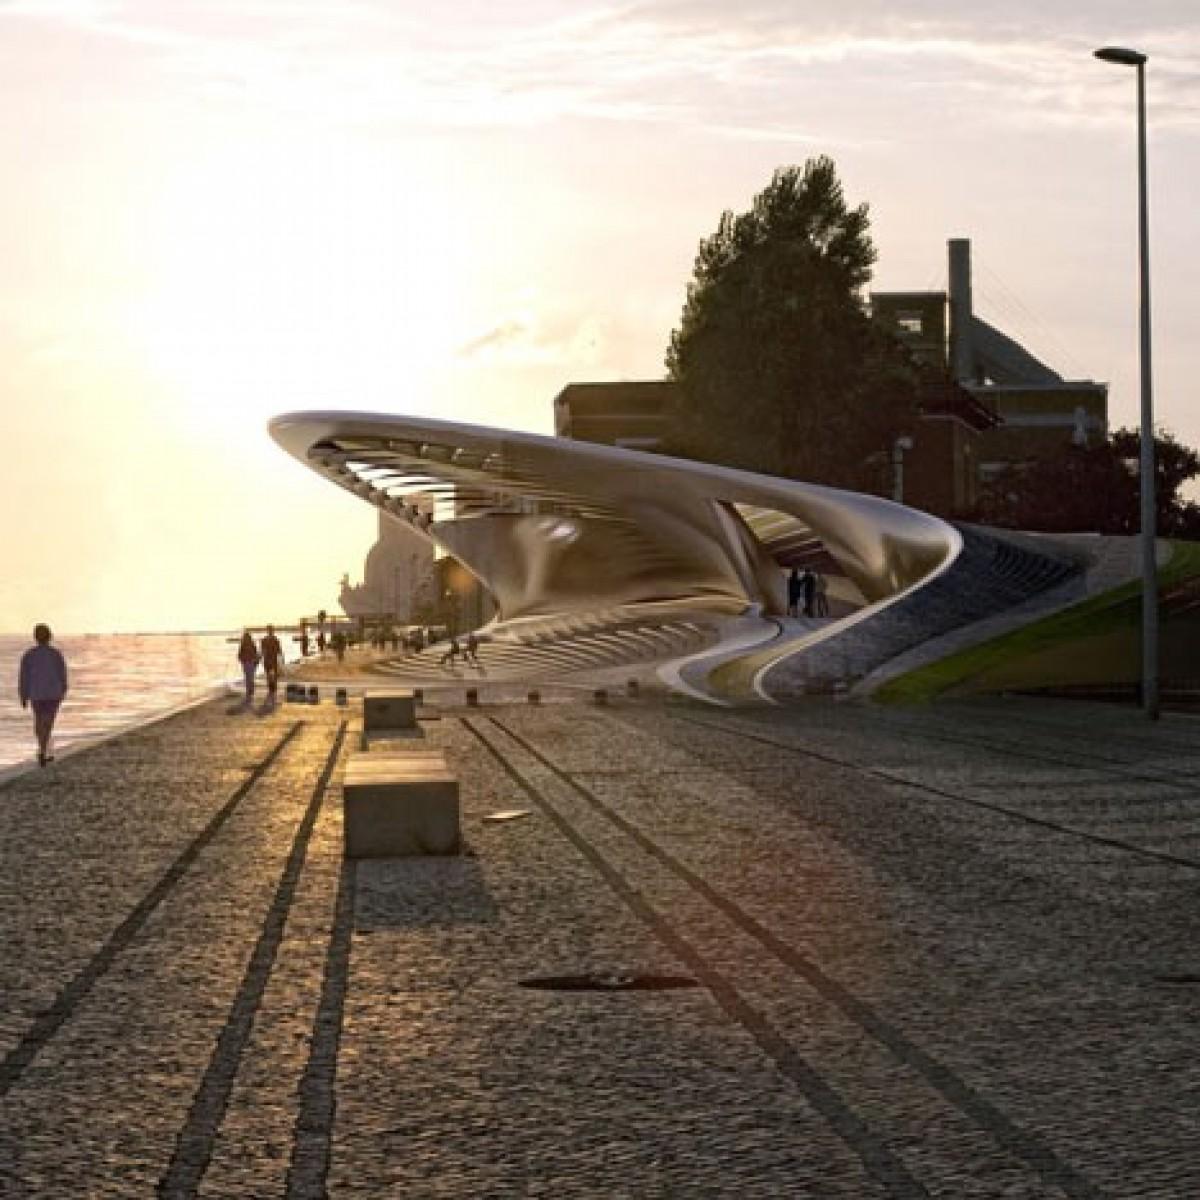 Нов музей в Лисабон обединява архитектурата и технологиите